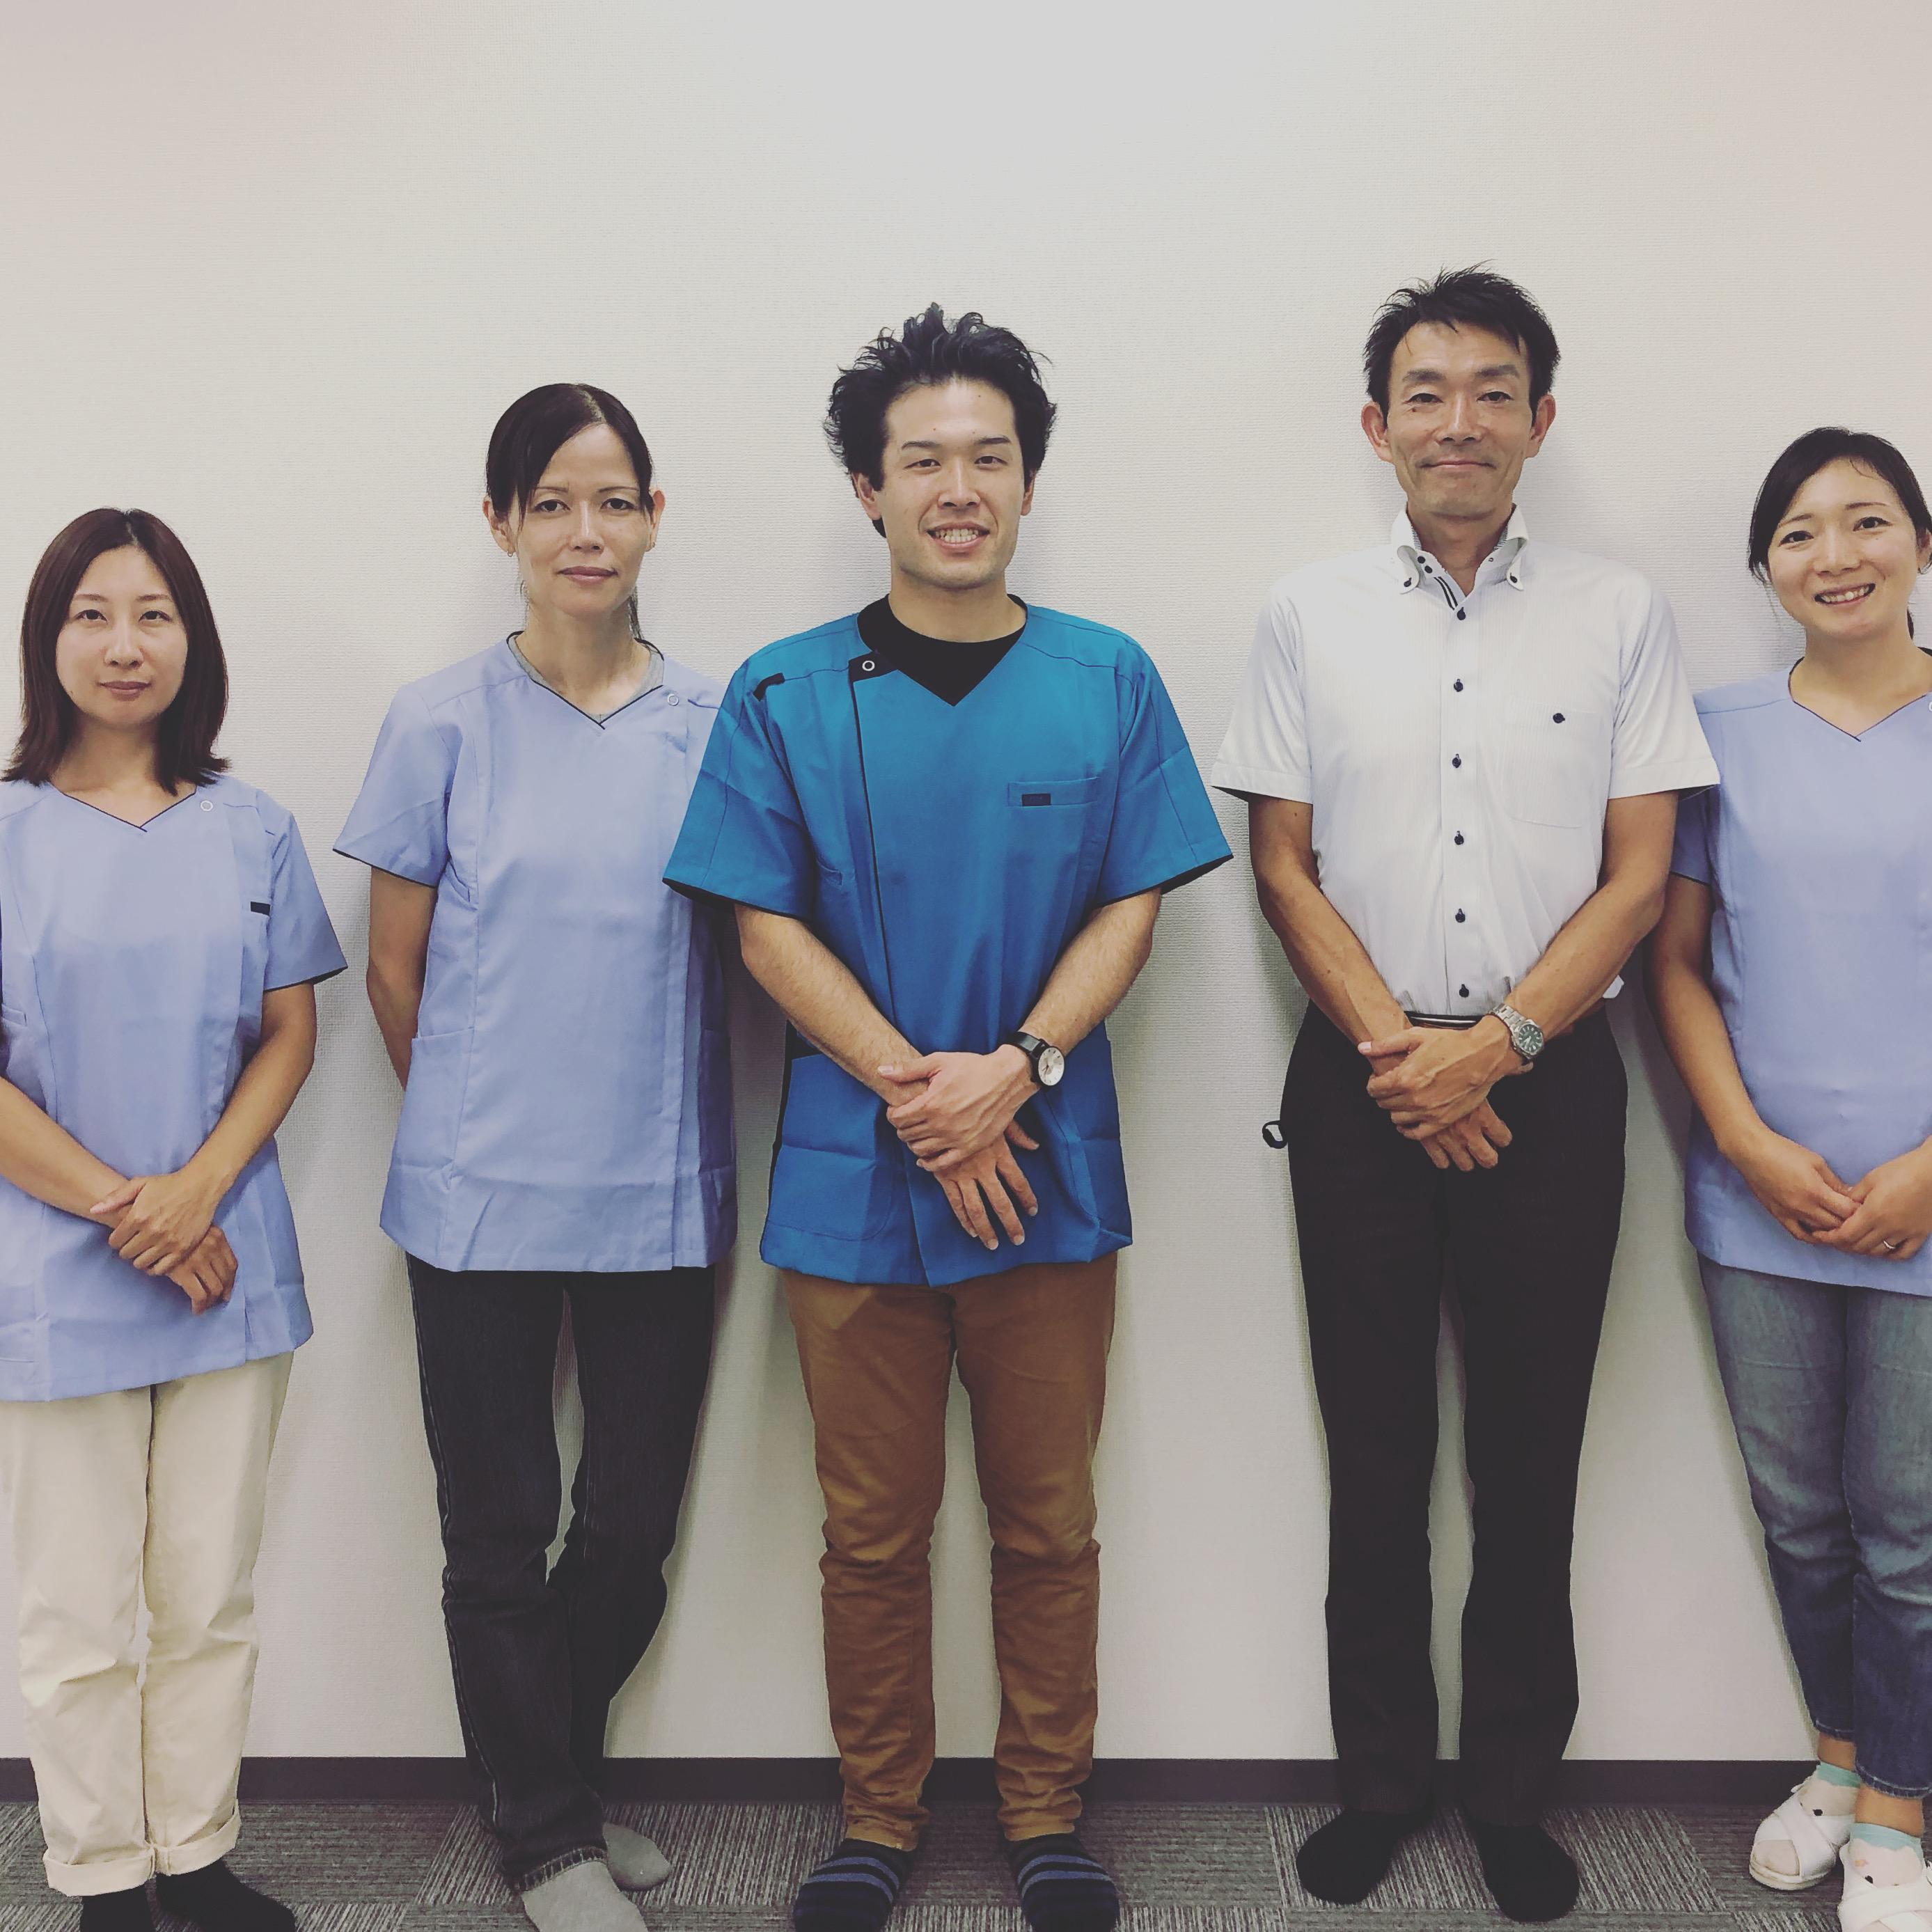 脳梗塞リハビリサポートセンター越谷 業者様向け「内覧会」のお知らせ